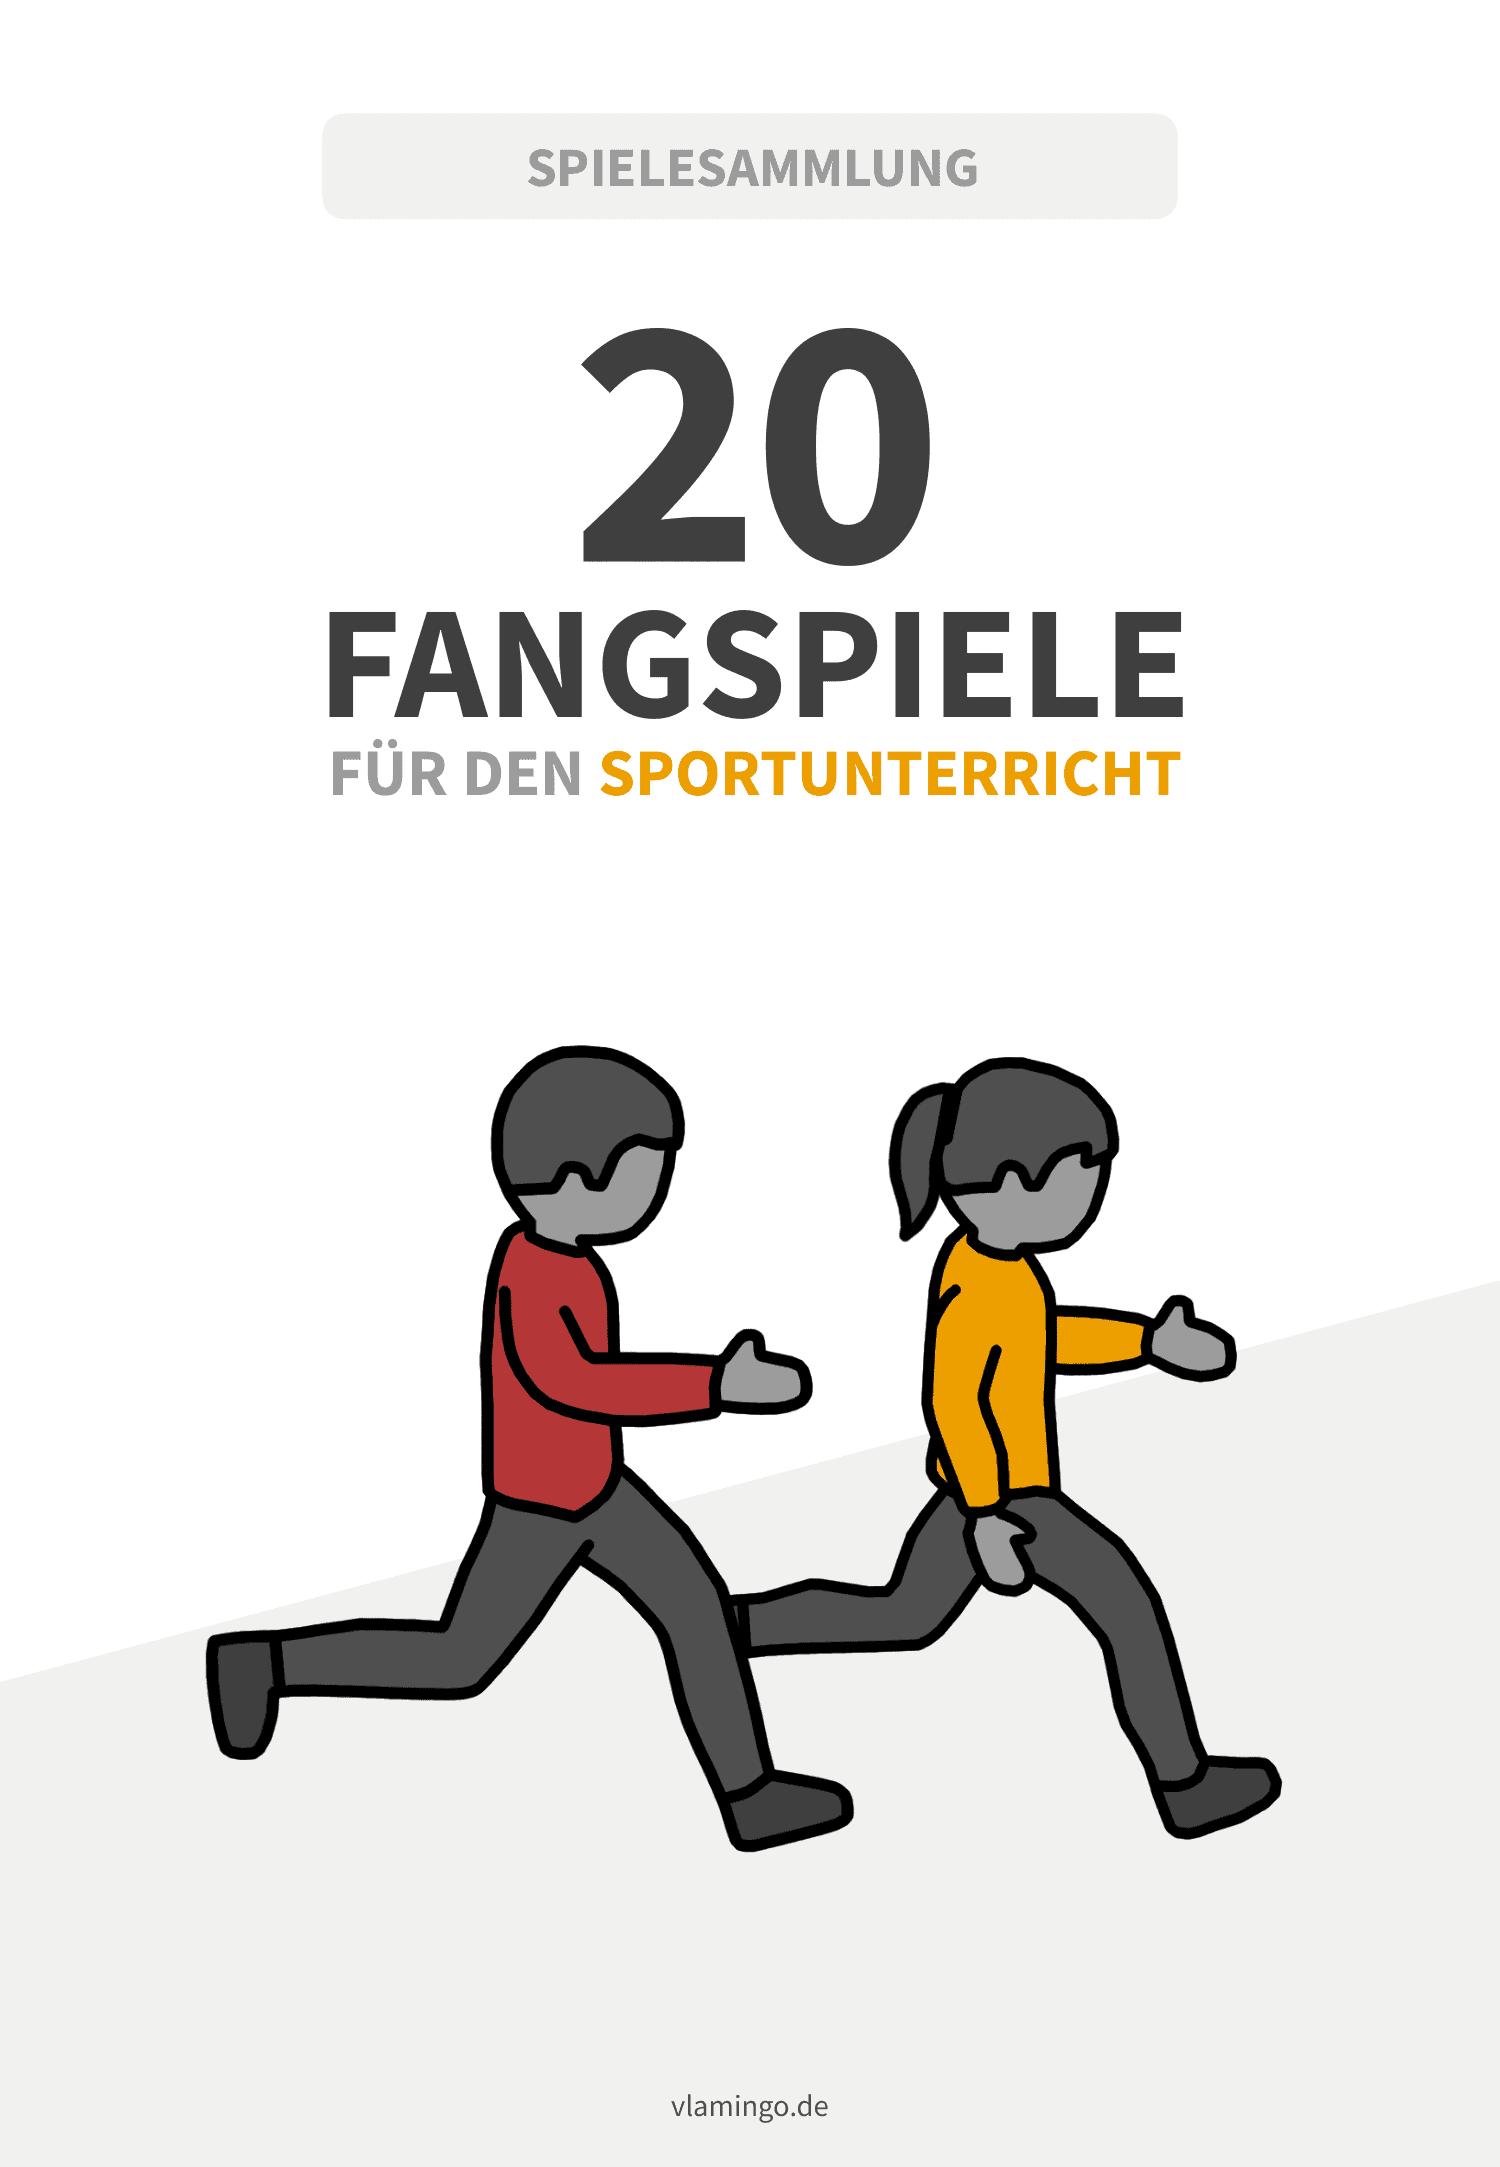 20 Fangspiele für den Sportunterricht & Verein